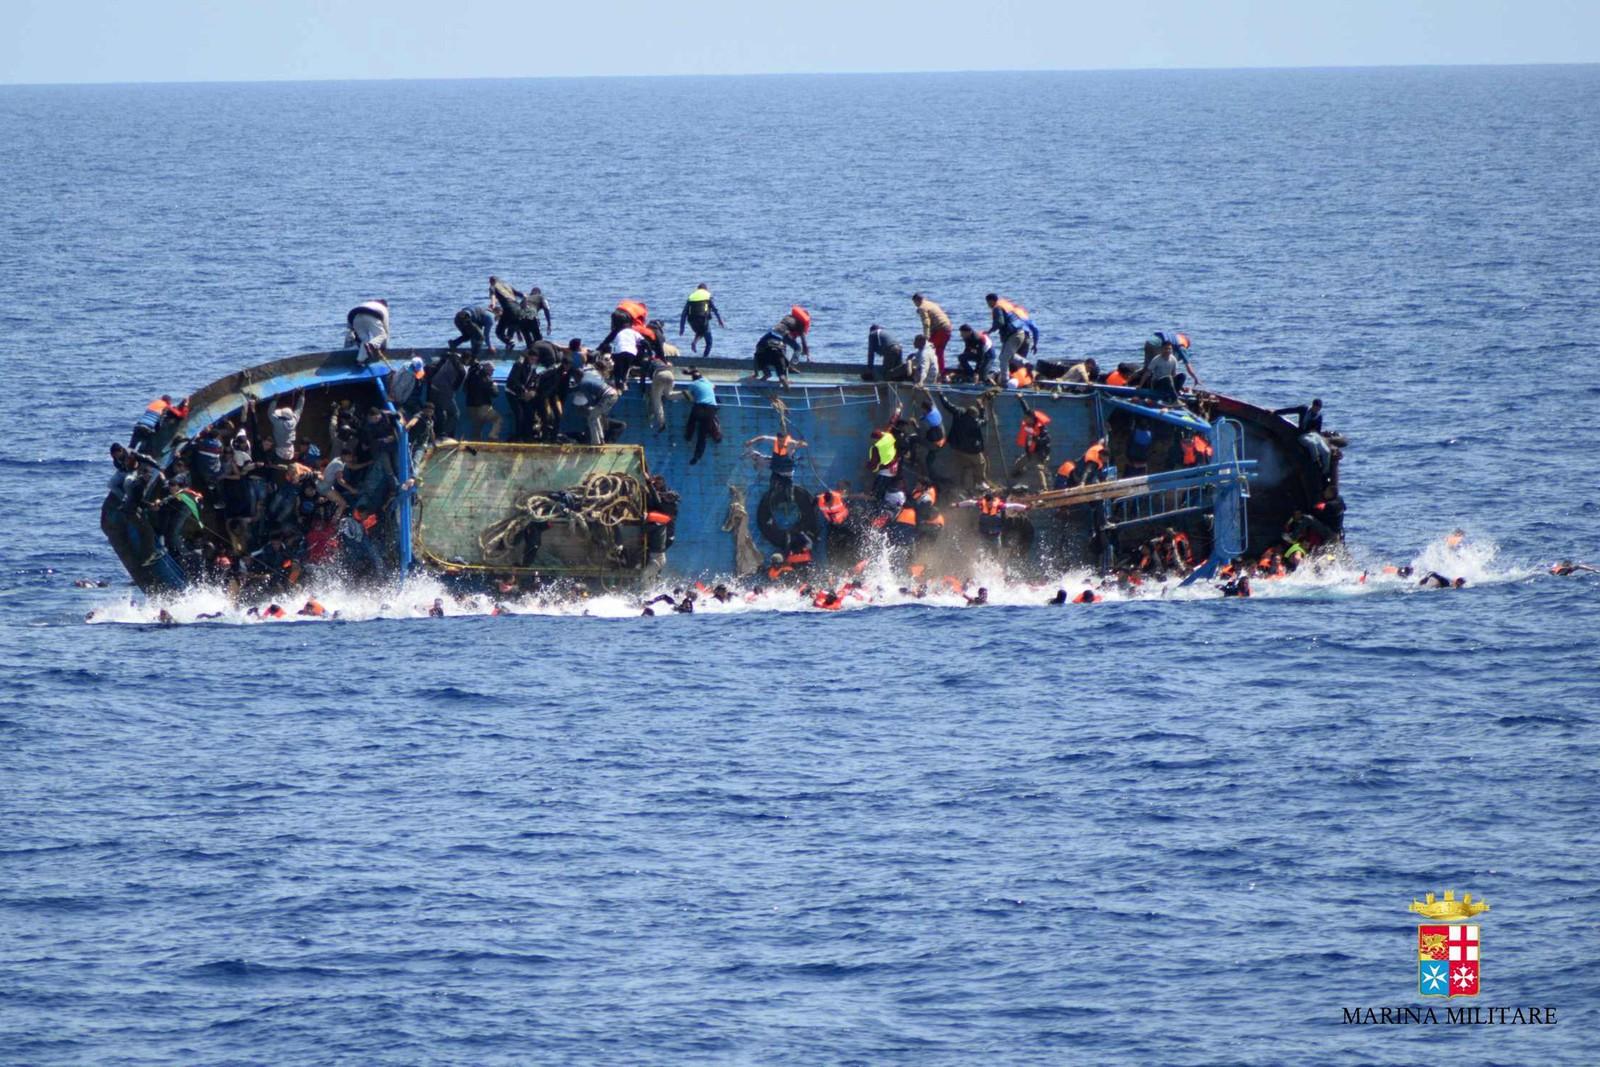 550 migranter tok sjansen på å krysse Middelhavet i denne båten denne uka. Utenfor kysten av Libya gikk det galt. De fleste ble redda av mannskapet på et italiensk marineskip, men minst fem av dem som var om bord i den gamle fiskebåten omkom da den veltet.